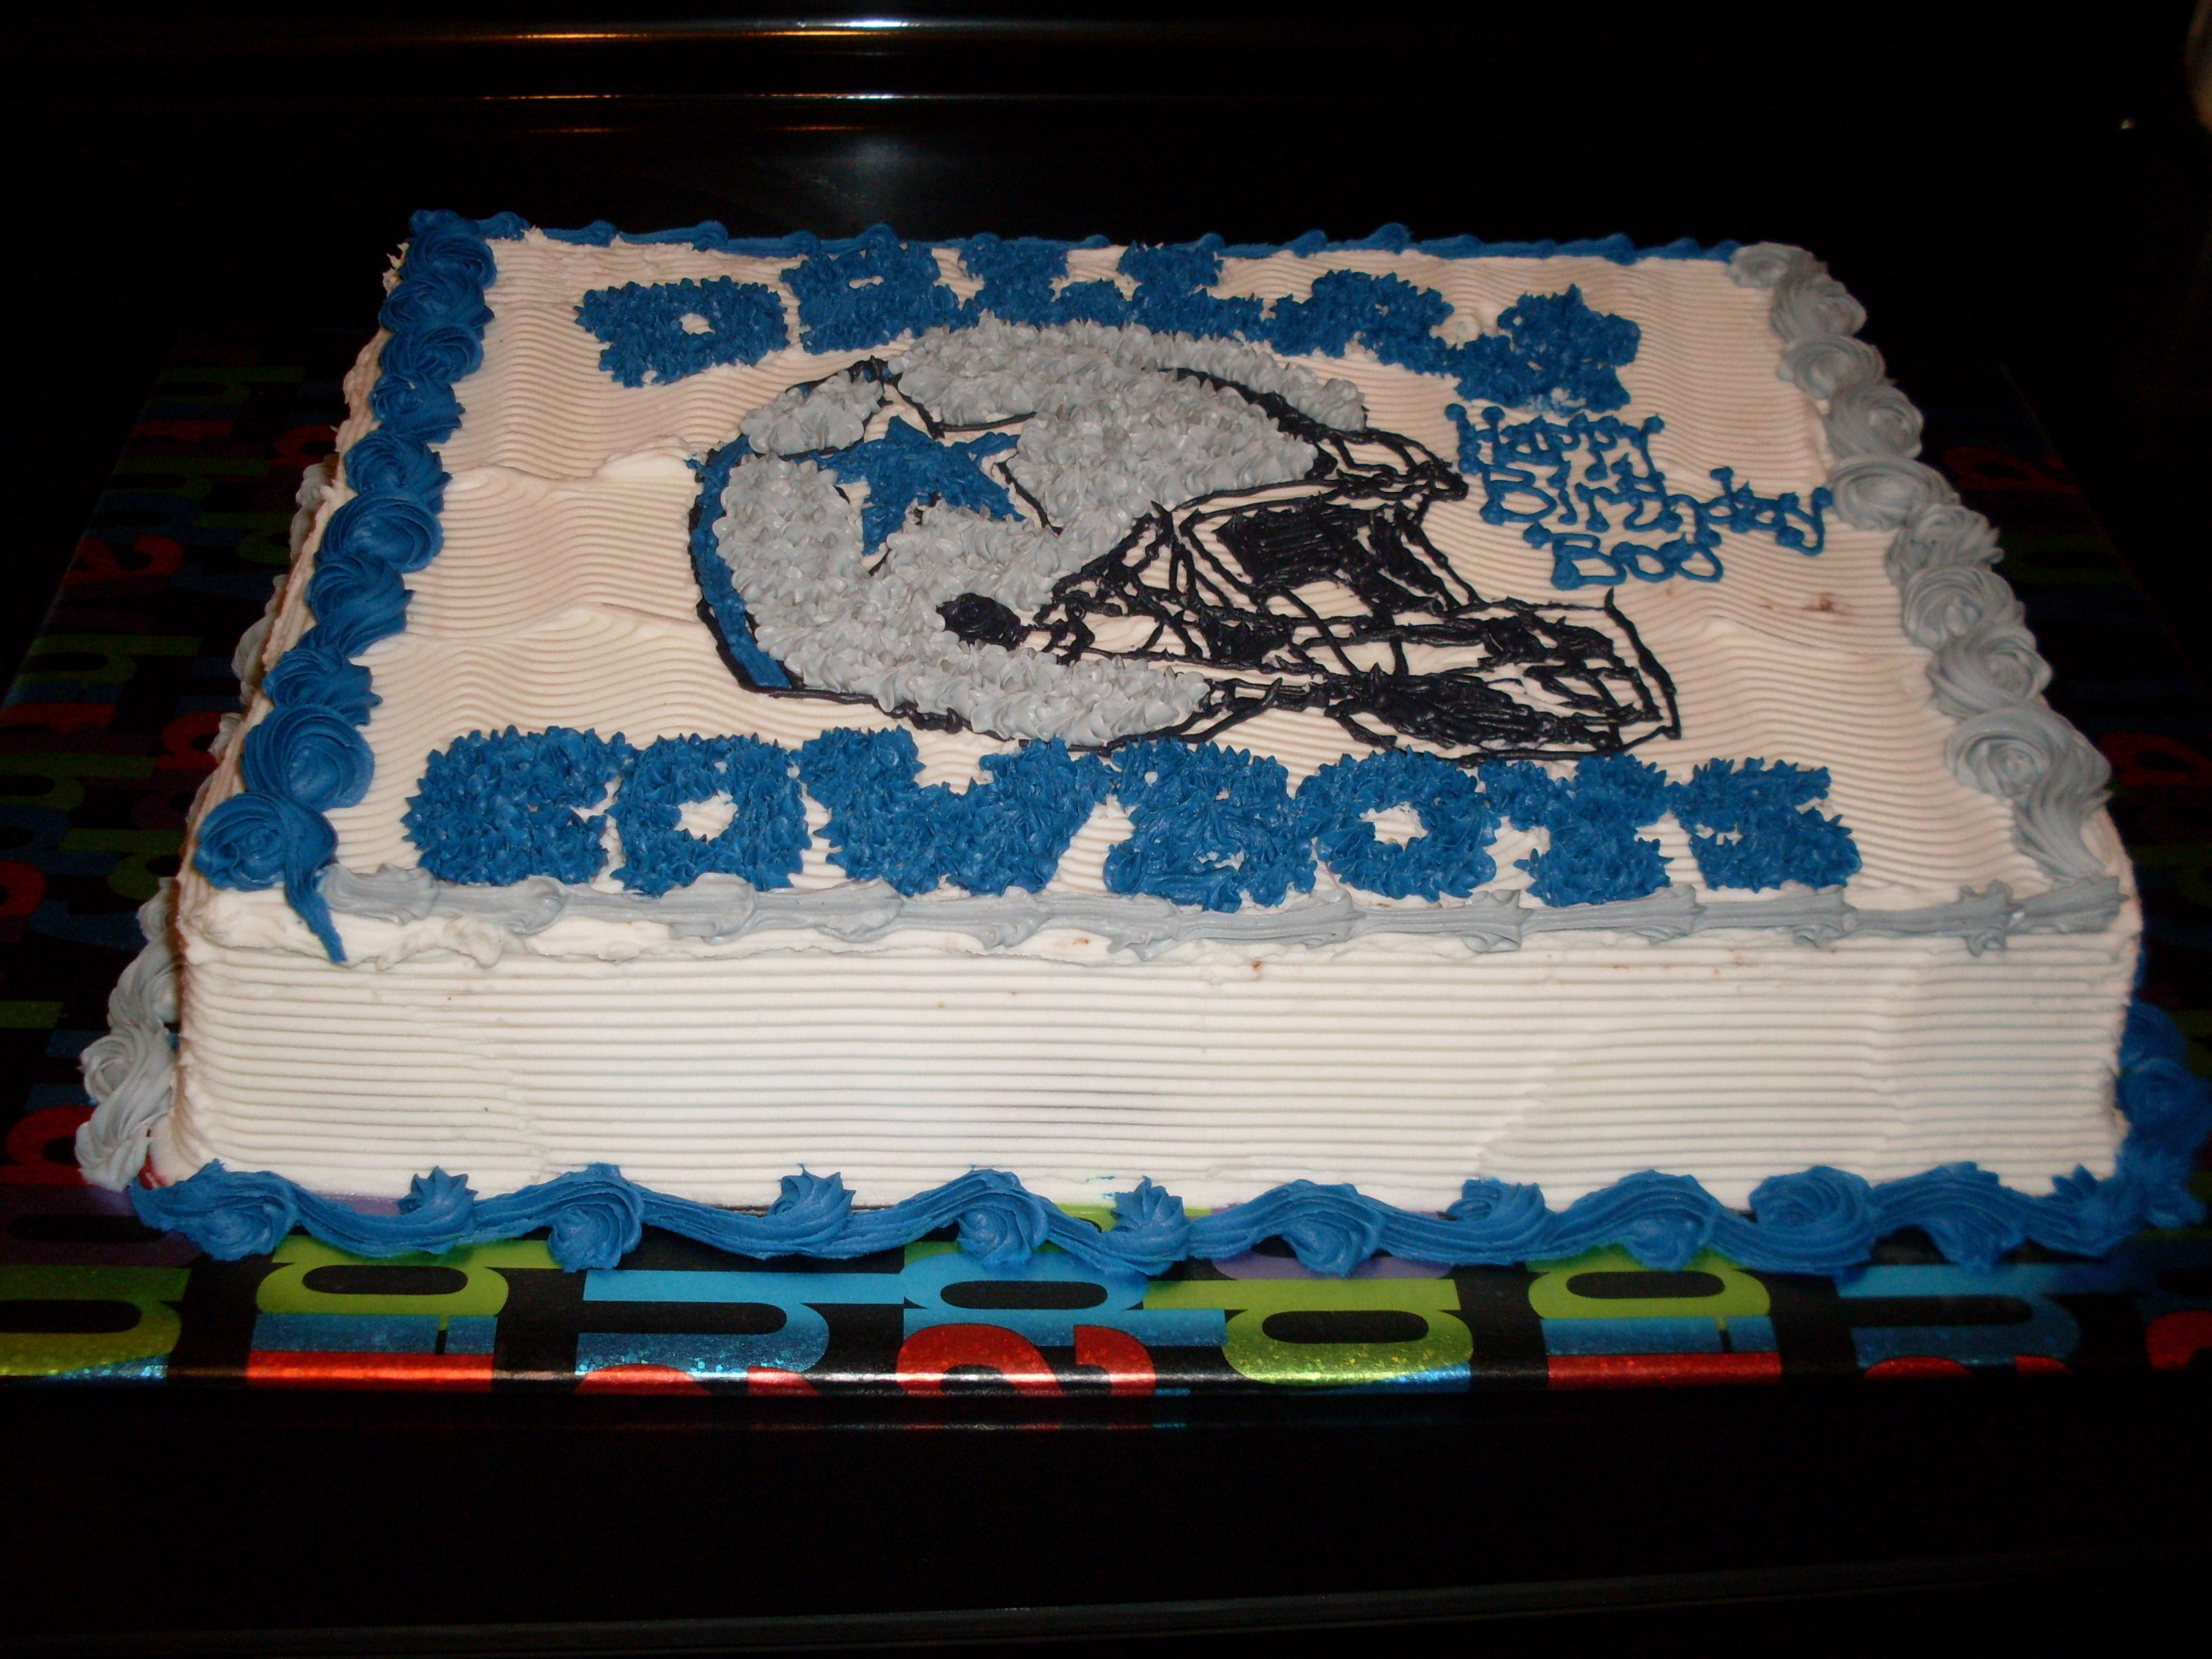 Men Cakes Birthday Dallas Cowboys